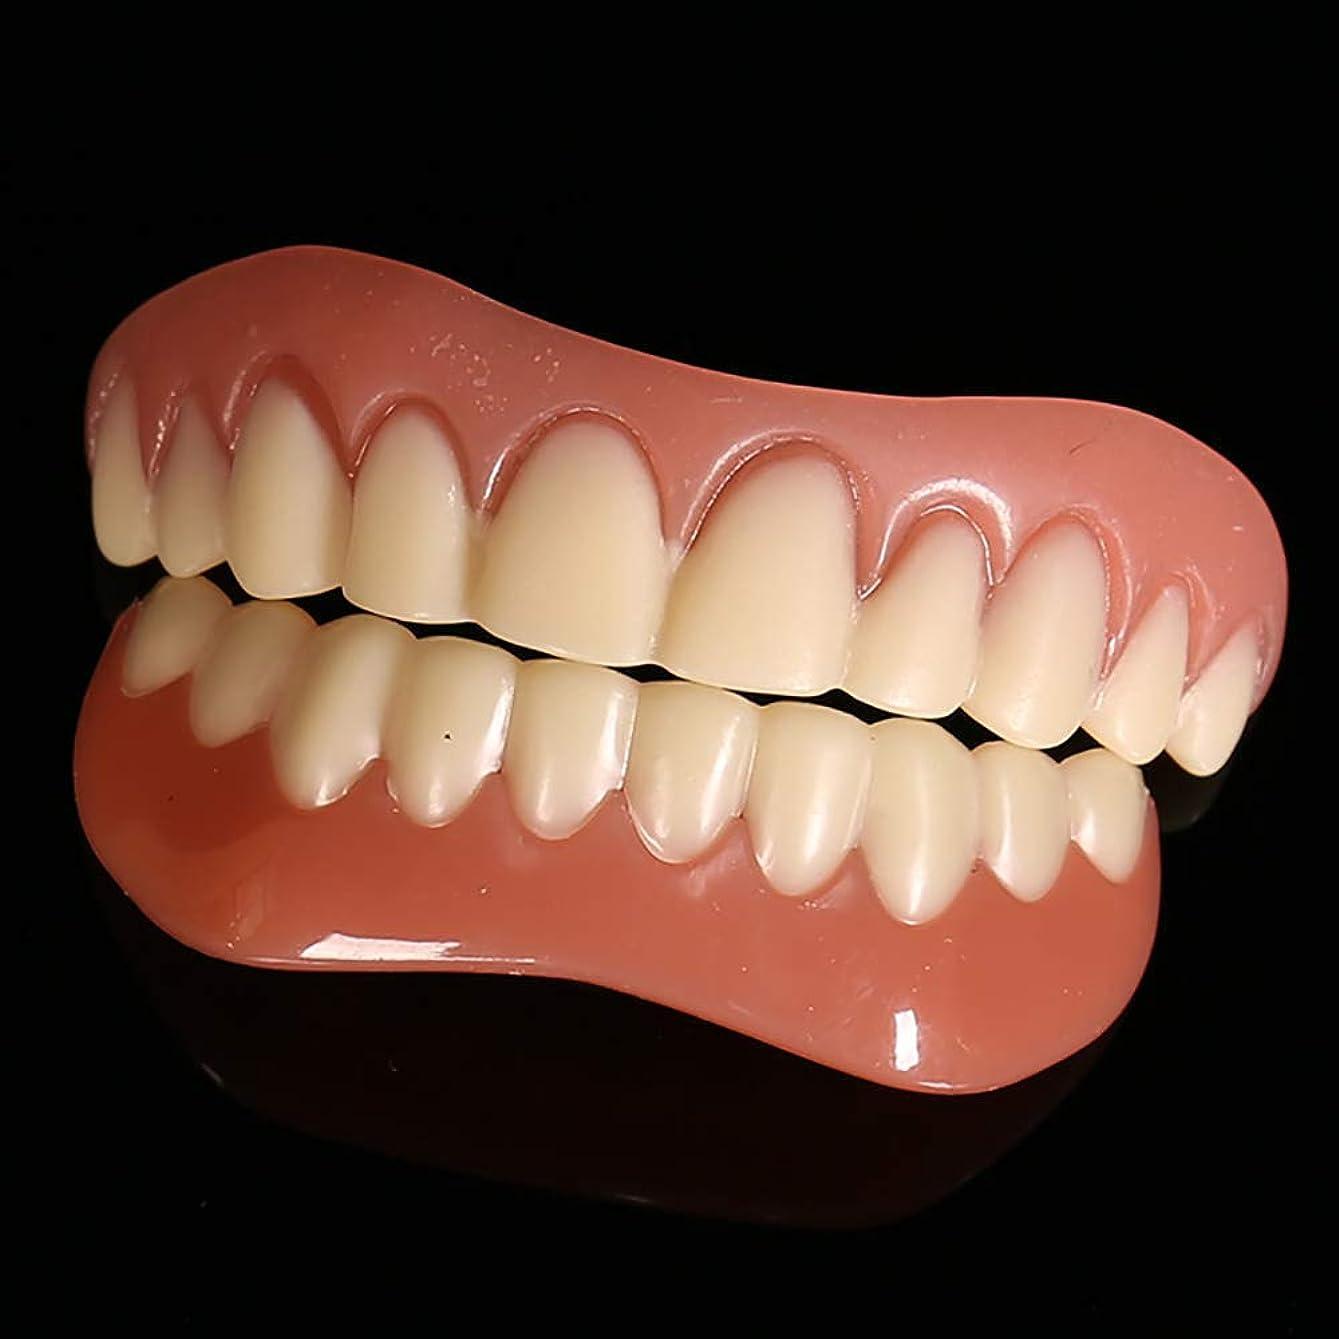 落胆させる実験室連想義歯の口腔ケア完璧な笑顔の上下義歯カバーシリコンブレースのホワイトニングすべての義歯ケアツールに適しています,1pairs